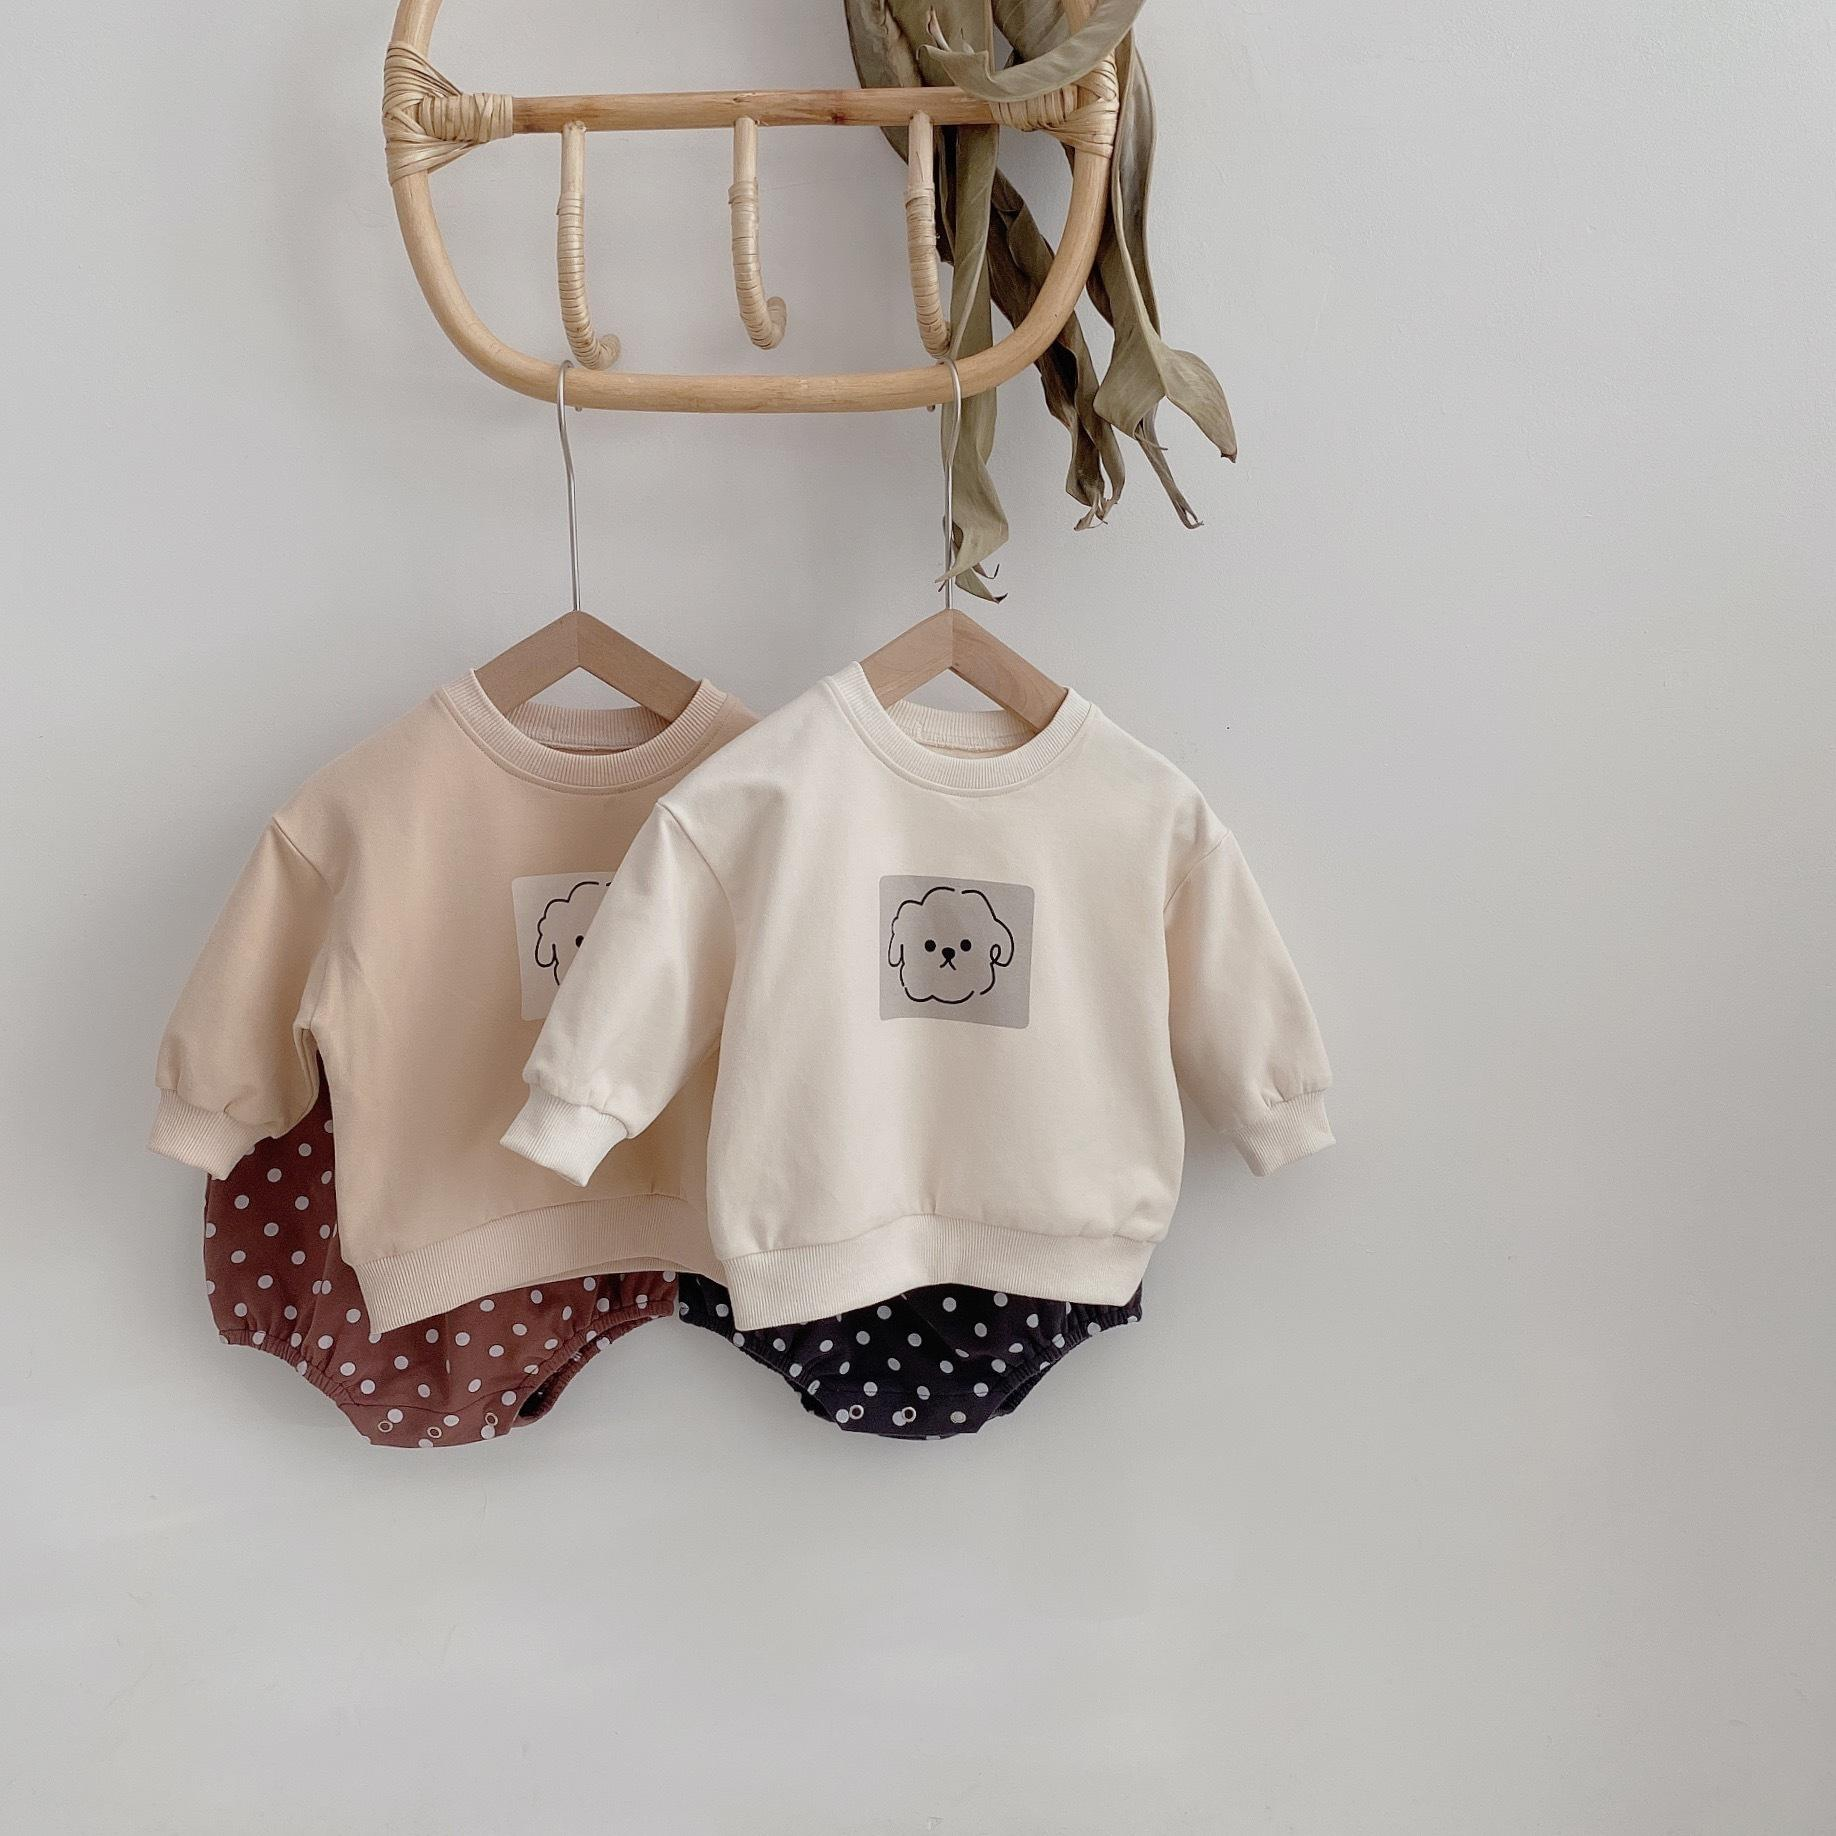 Outono cão bonito camisolas de manga comprida e shorts de ponto 2 pcs conjuntos meninos e meninas roupas de algodão 20127